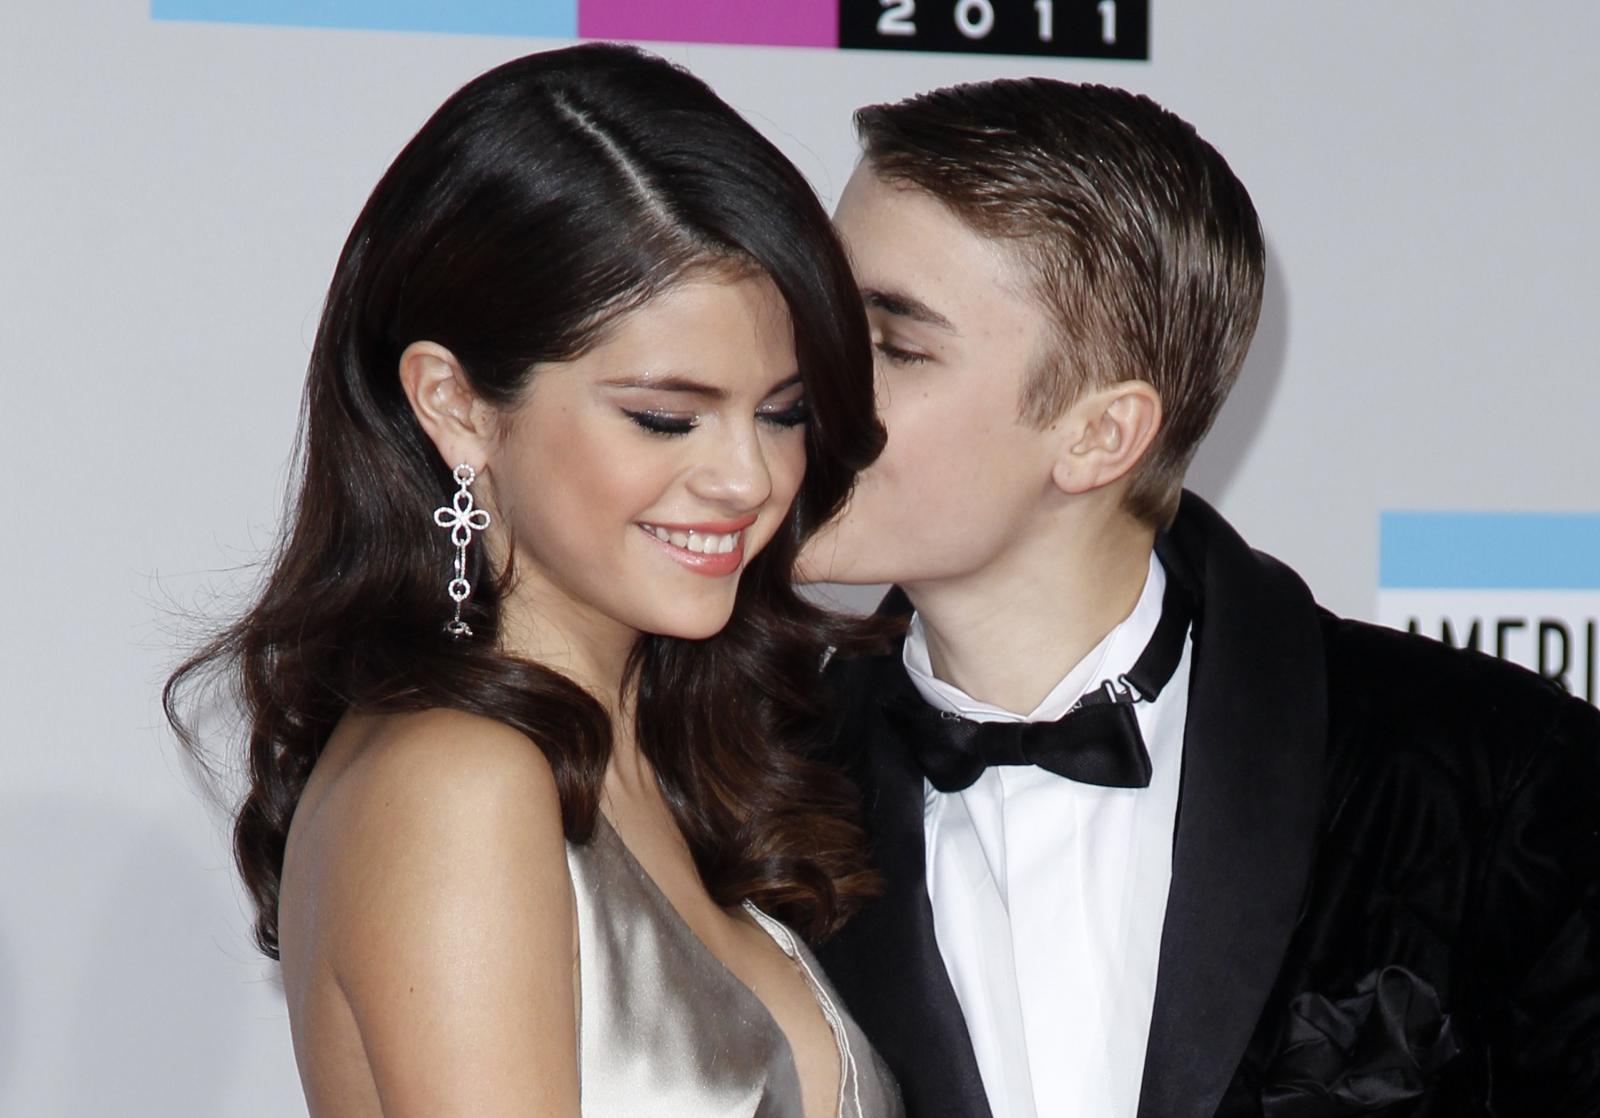 Singer Justin Bieber Selena Gomez